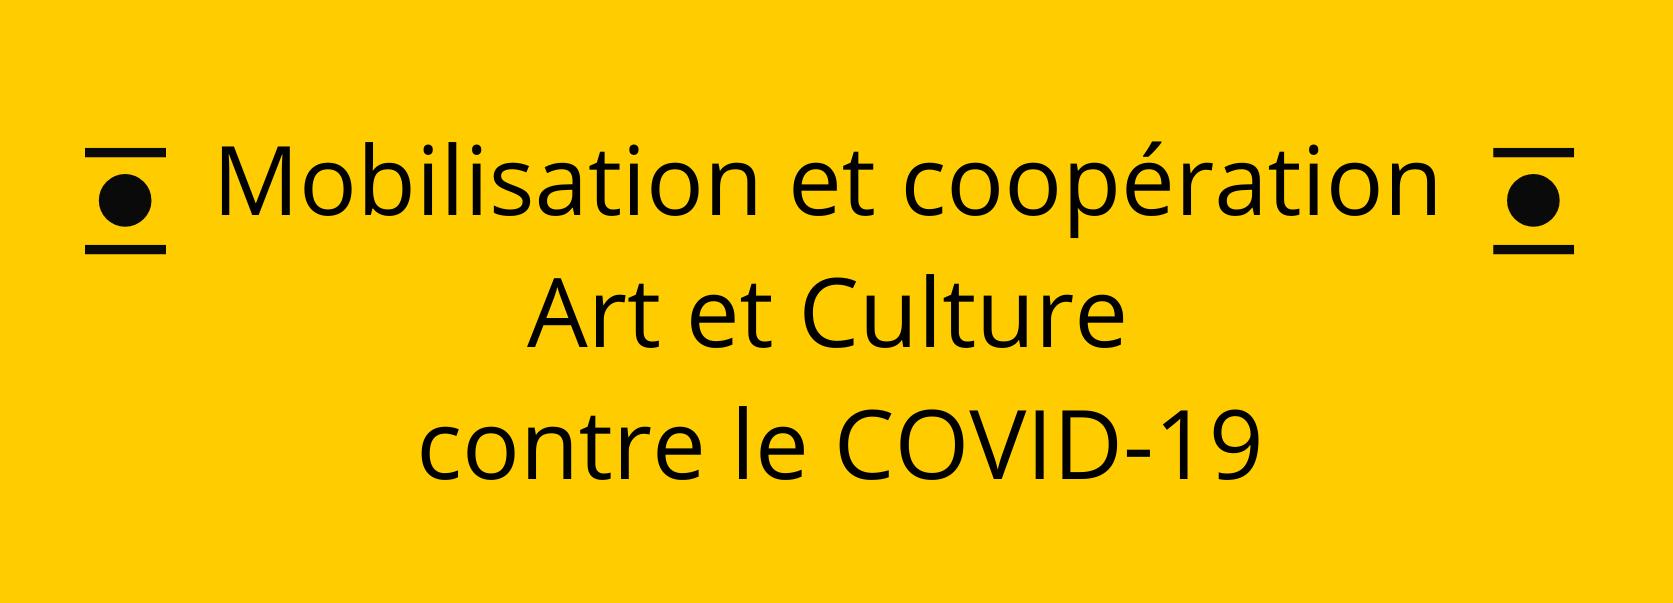 MOBILISATION ARTS ET CULTURE CONTRE LE COVID-19